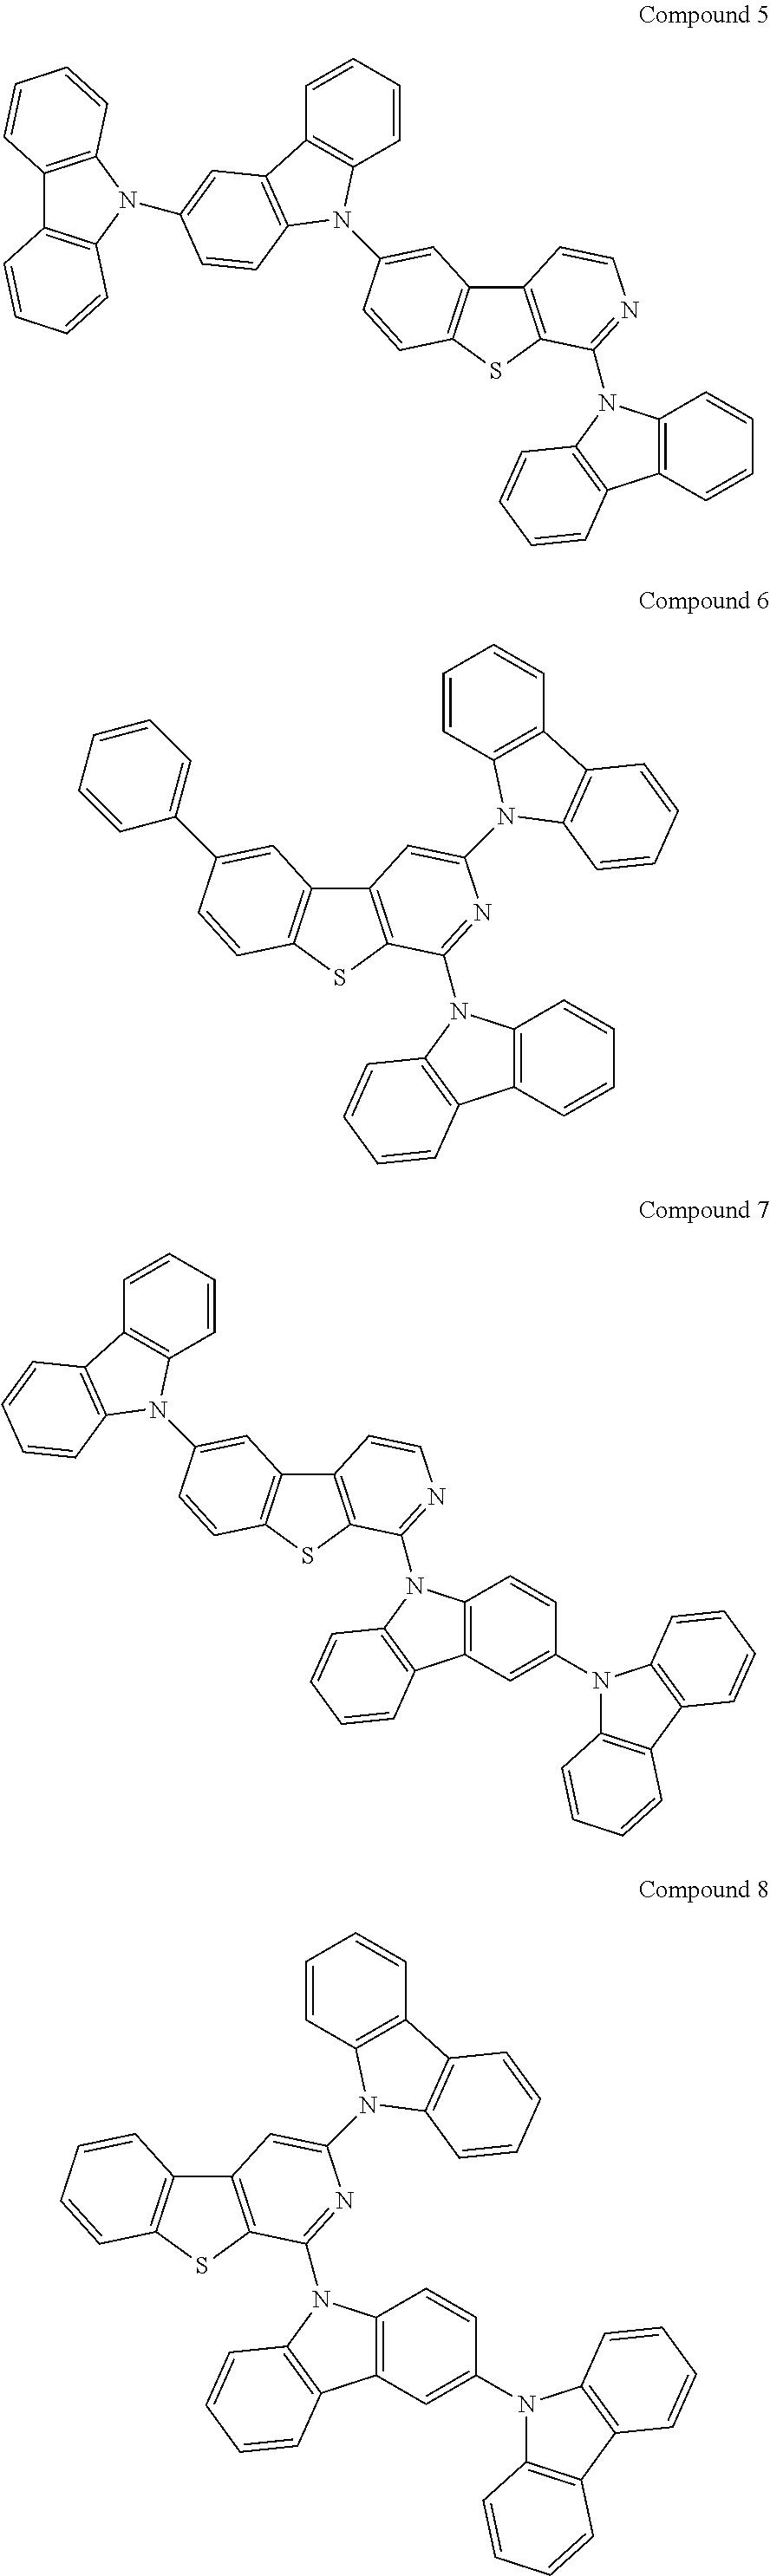 Figure US09518063-20161213-C00048